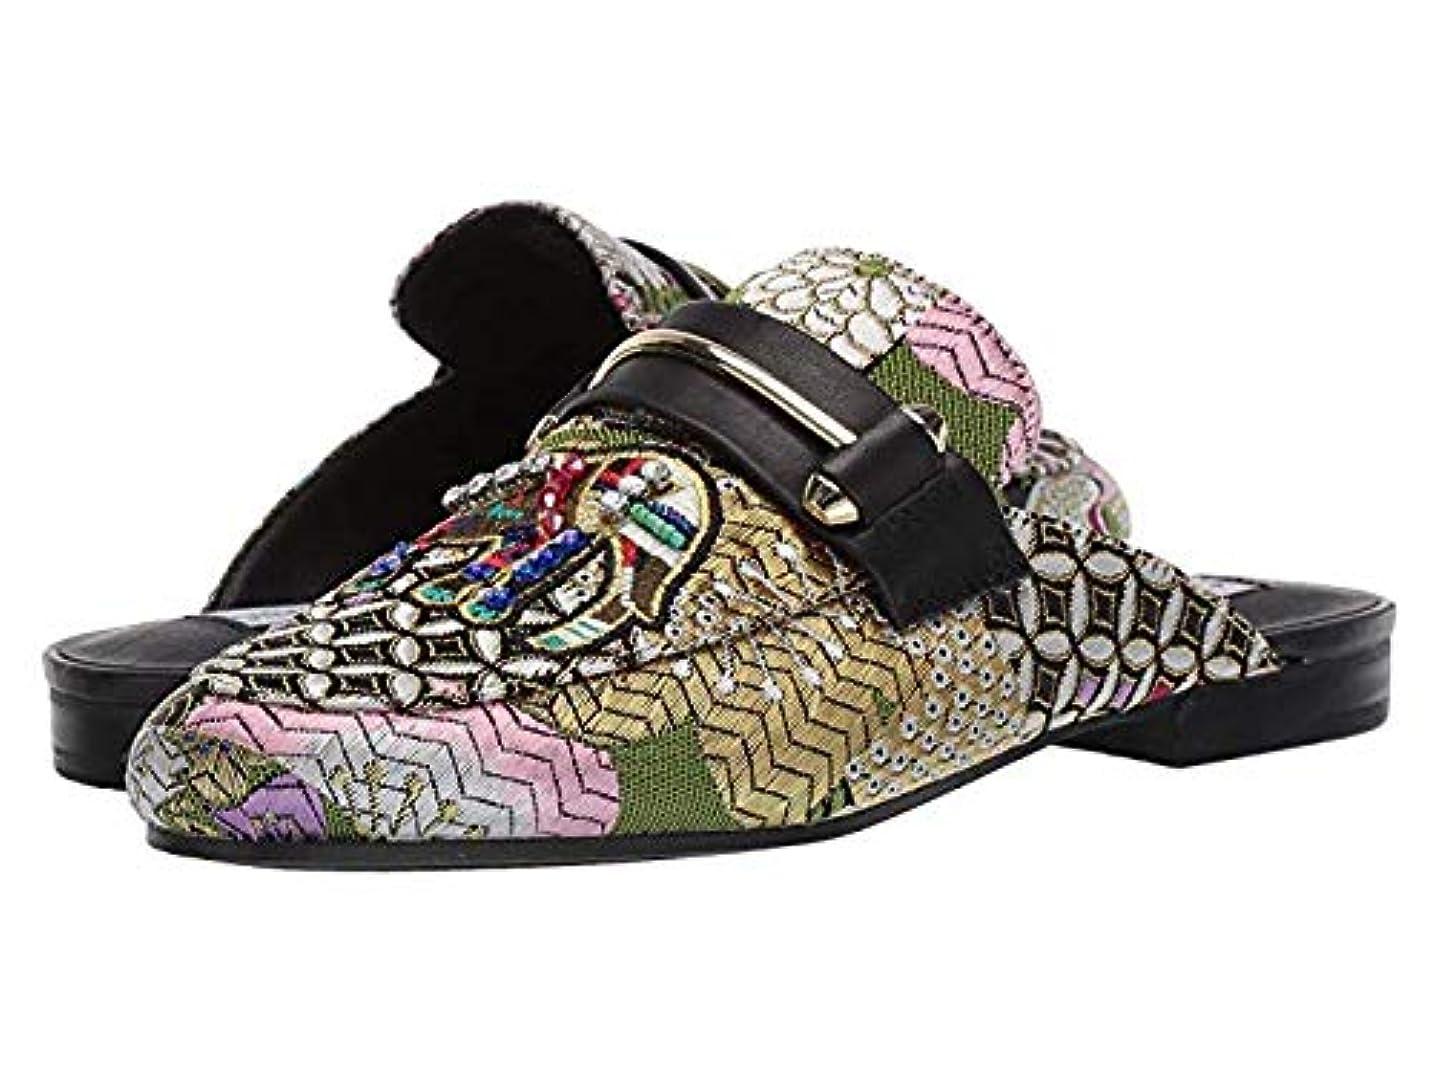 ポータブル意味パイロットレディースローファー?靴 Kera Multi (24.5cm) M [並行輸入品]